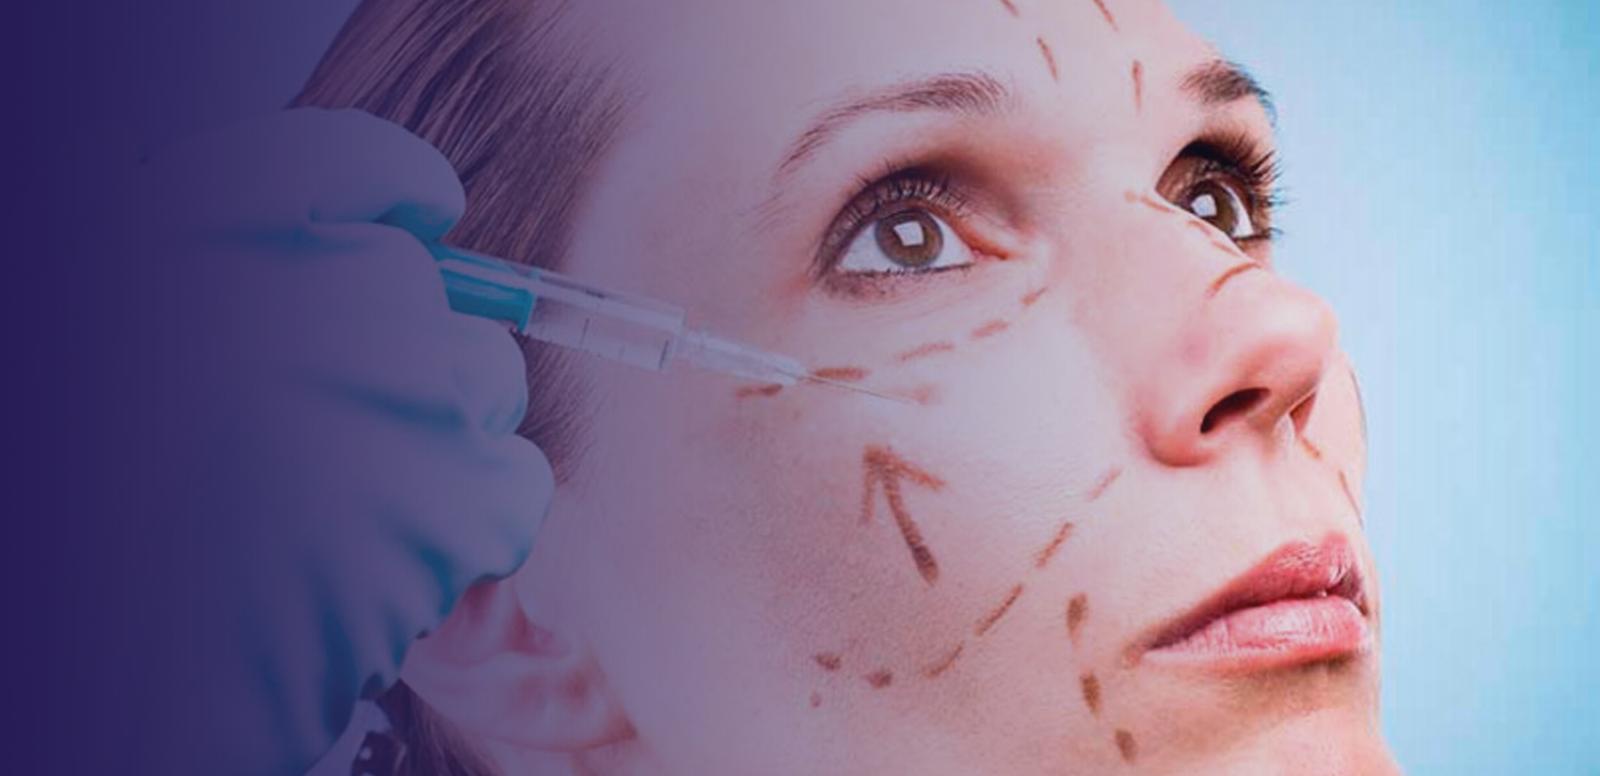 Cirurgias plásticas de face e minilifting